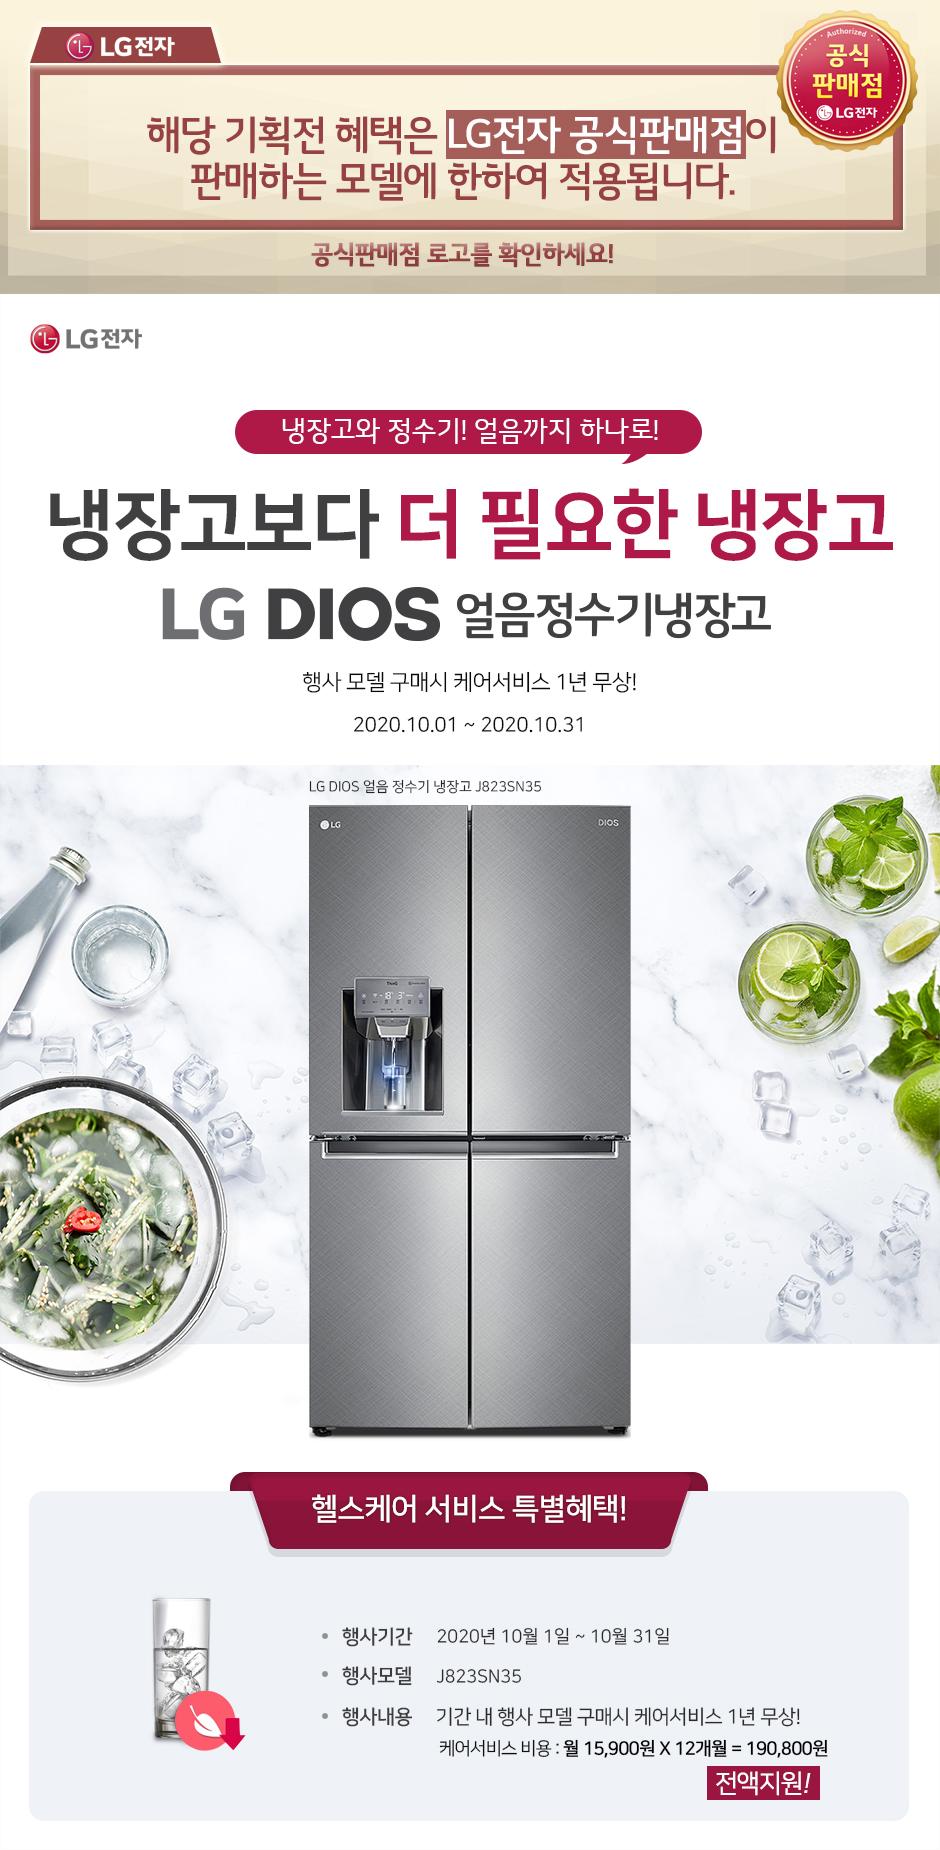 [LG 창립 70주년] LG DIOS 와인셀러 앞서가는 삶의 여유